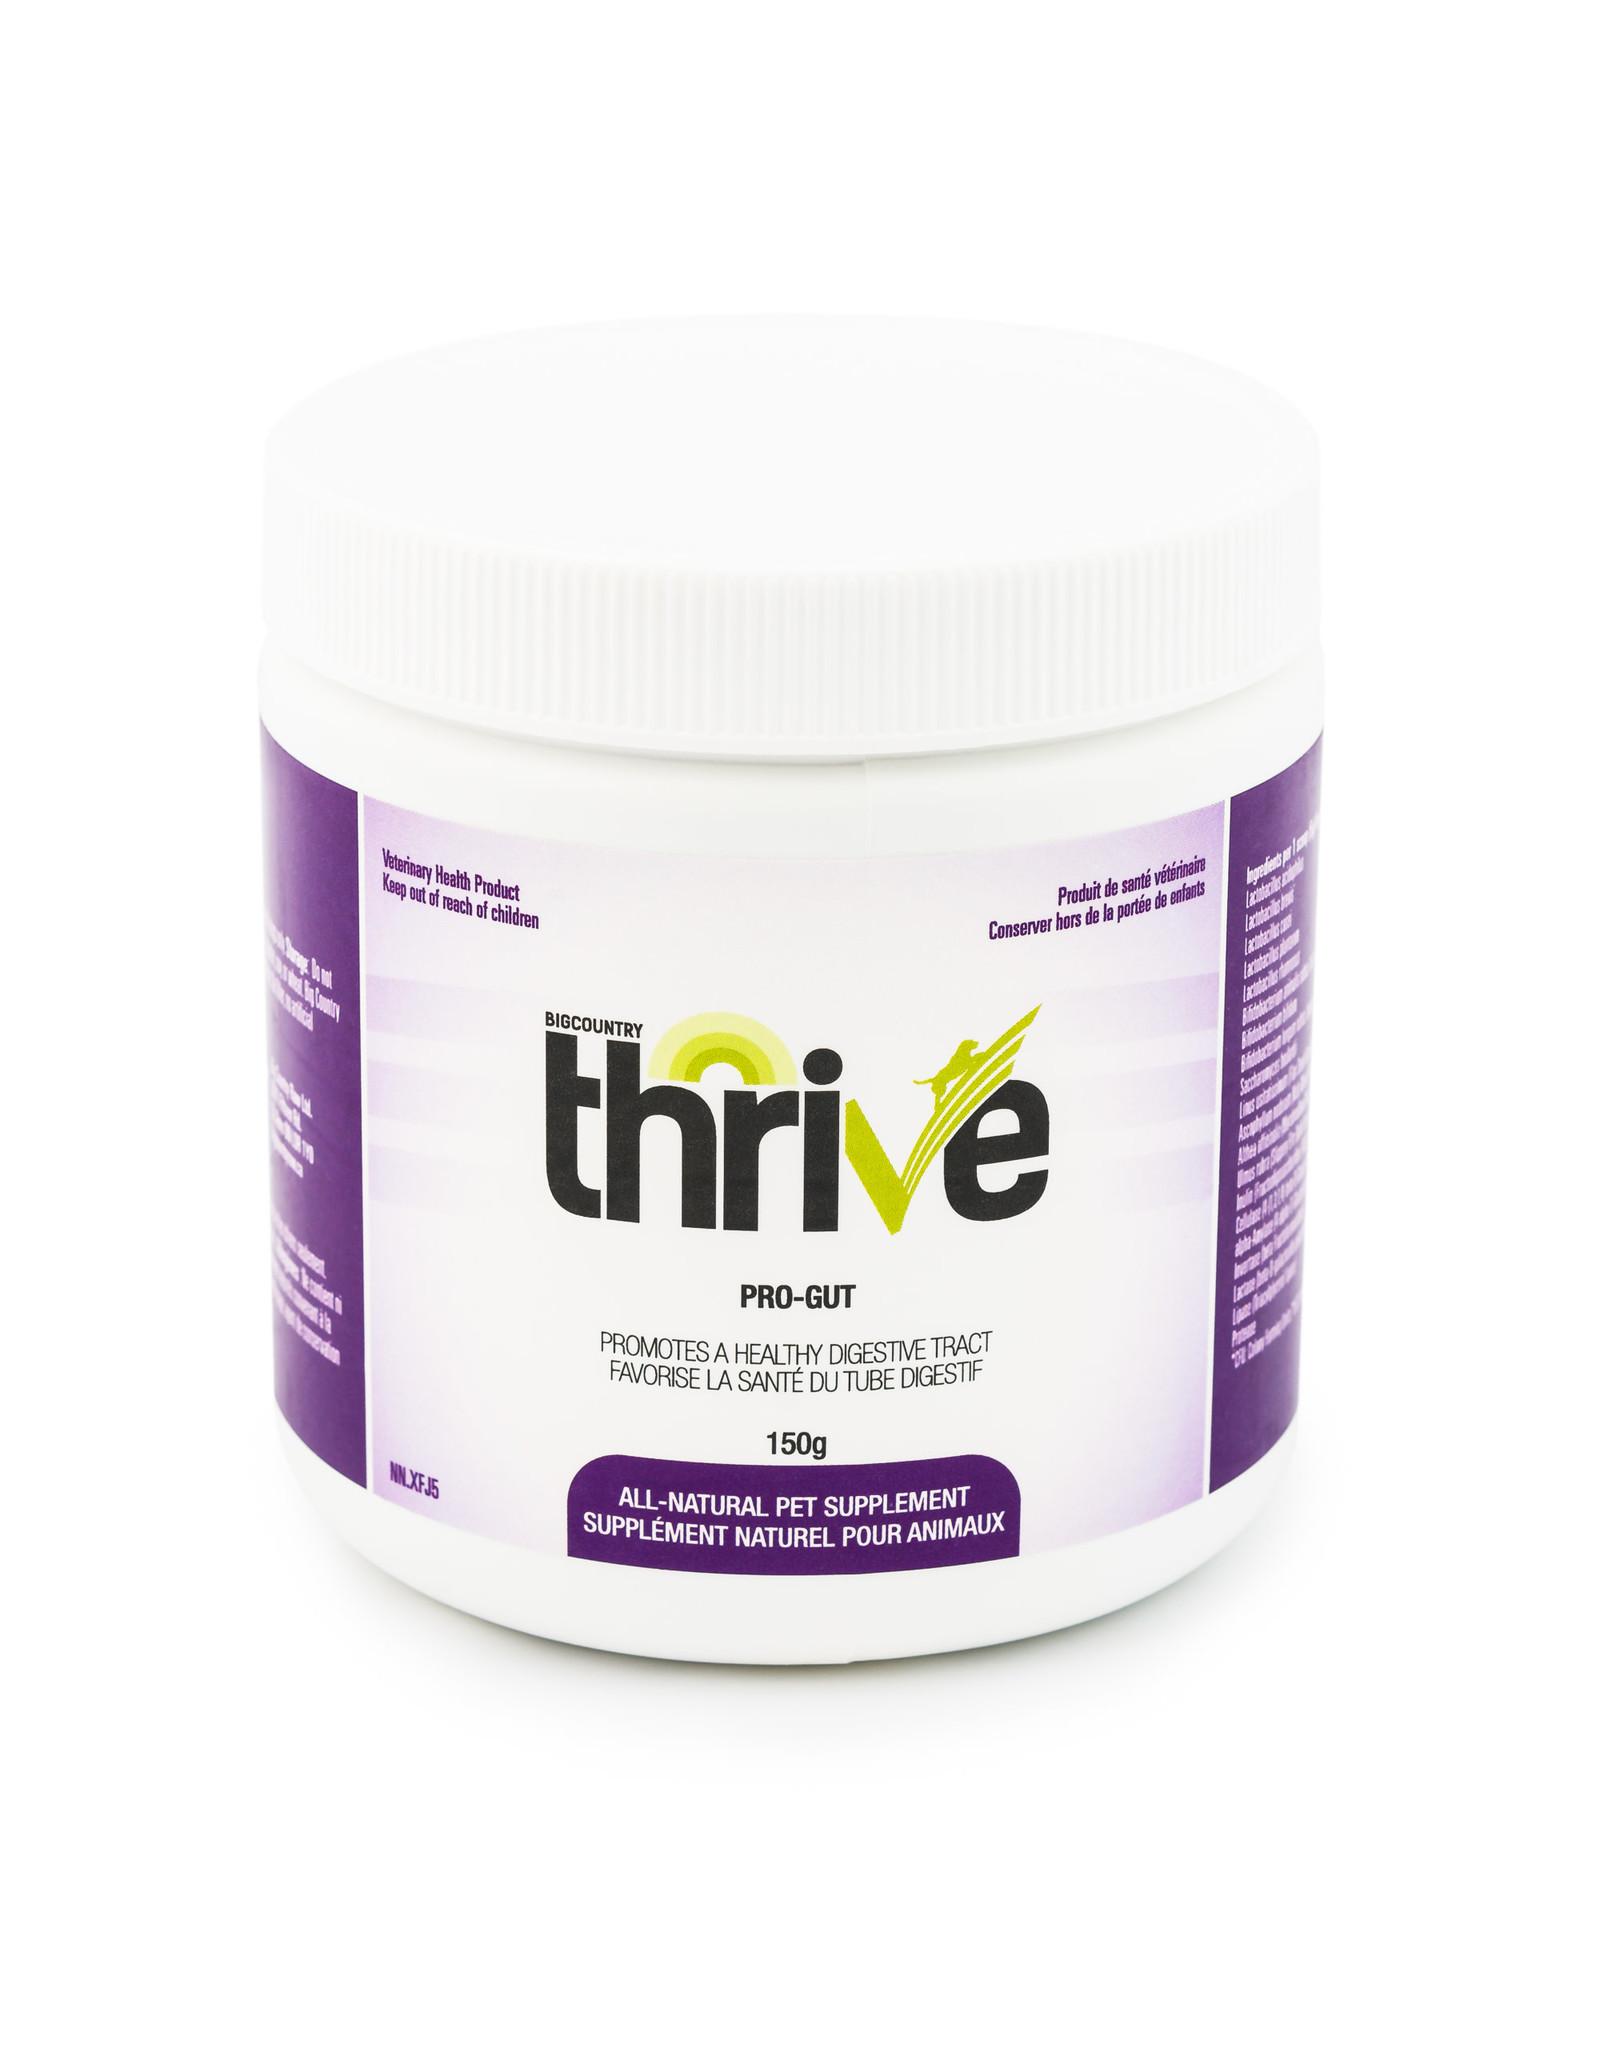 Hero - Thrive Thrive Pro-Gut 150g